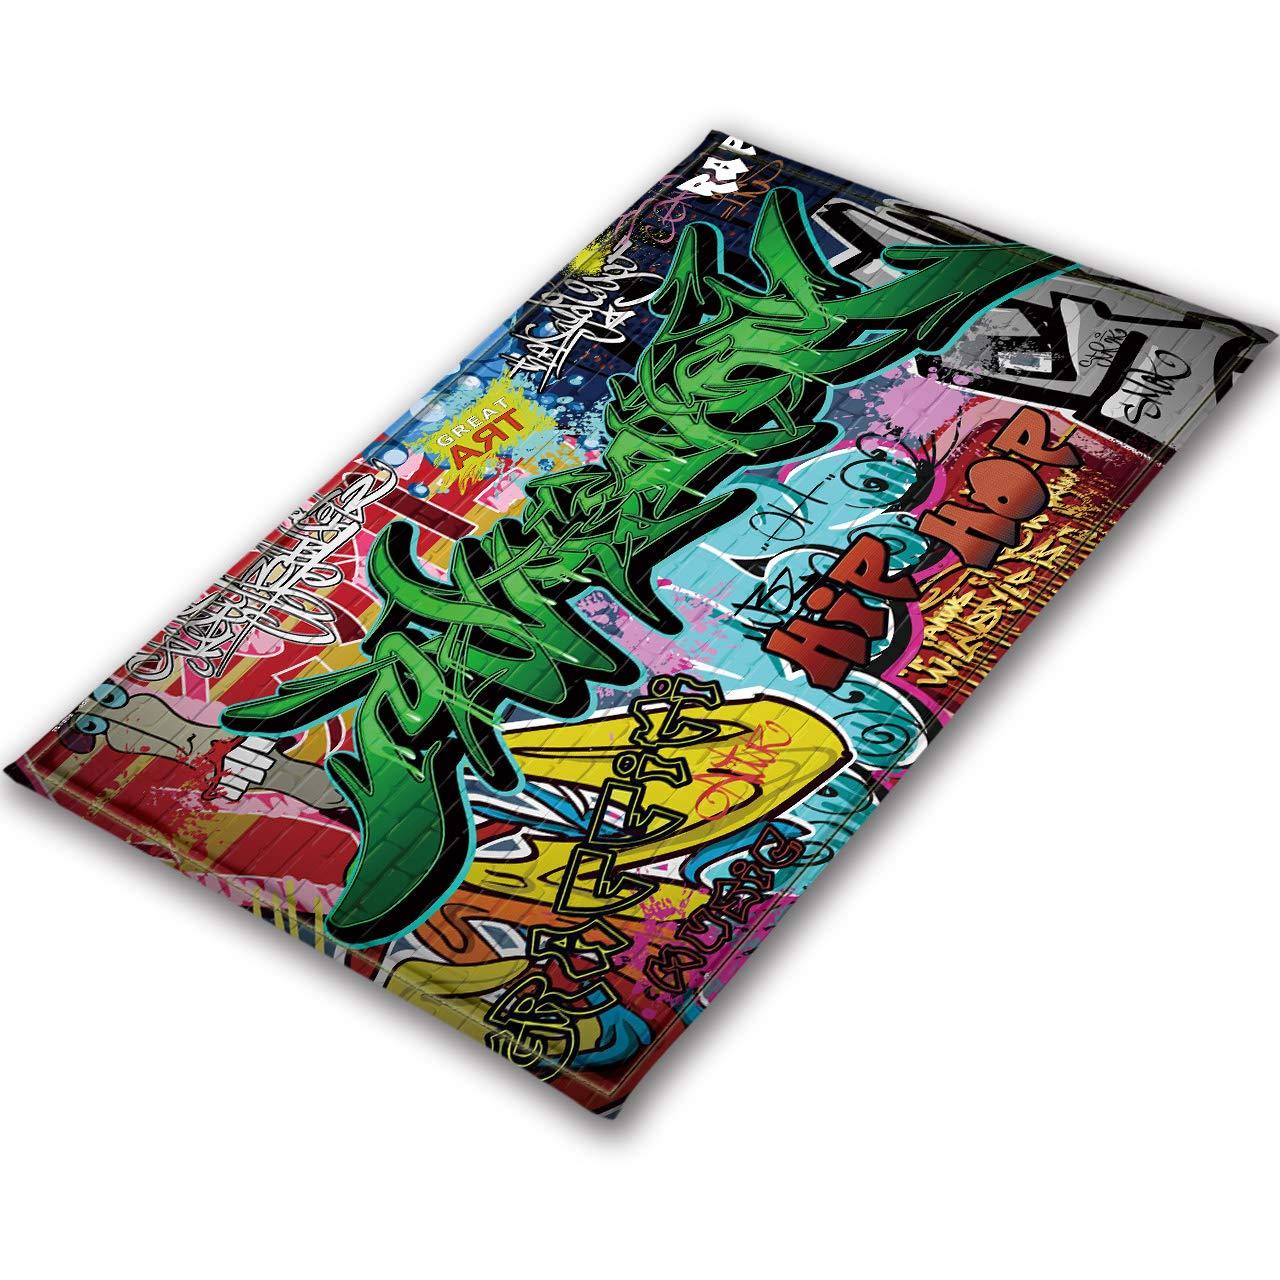 LB Bunte, Graffiti, Area Rug, Wohnzimmer Schlafzimmer Badezimmer Küche Kinder Baby Zimmer weiche Teppich Bodenmatte Home Decor, 120x160cm